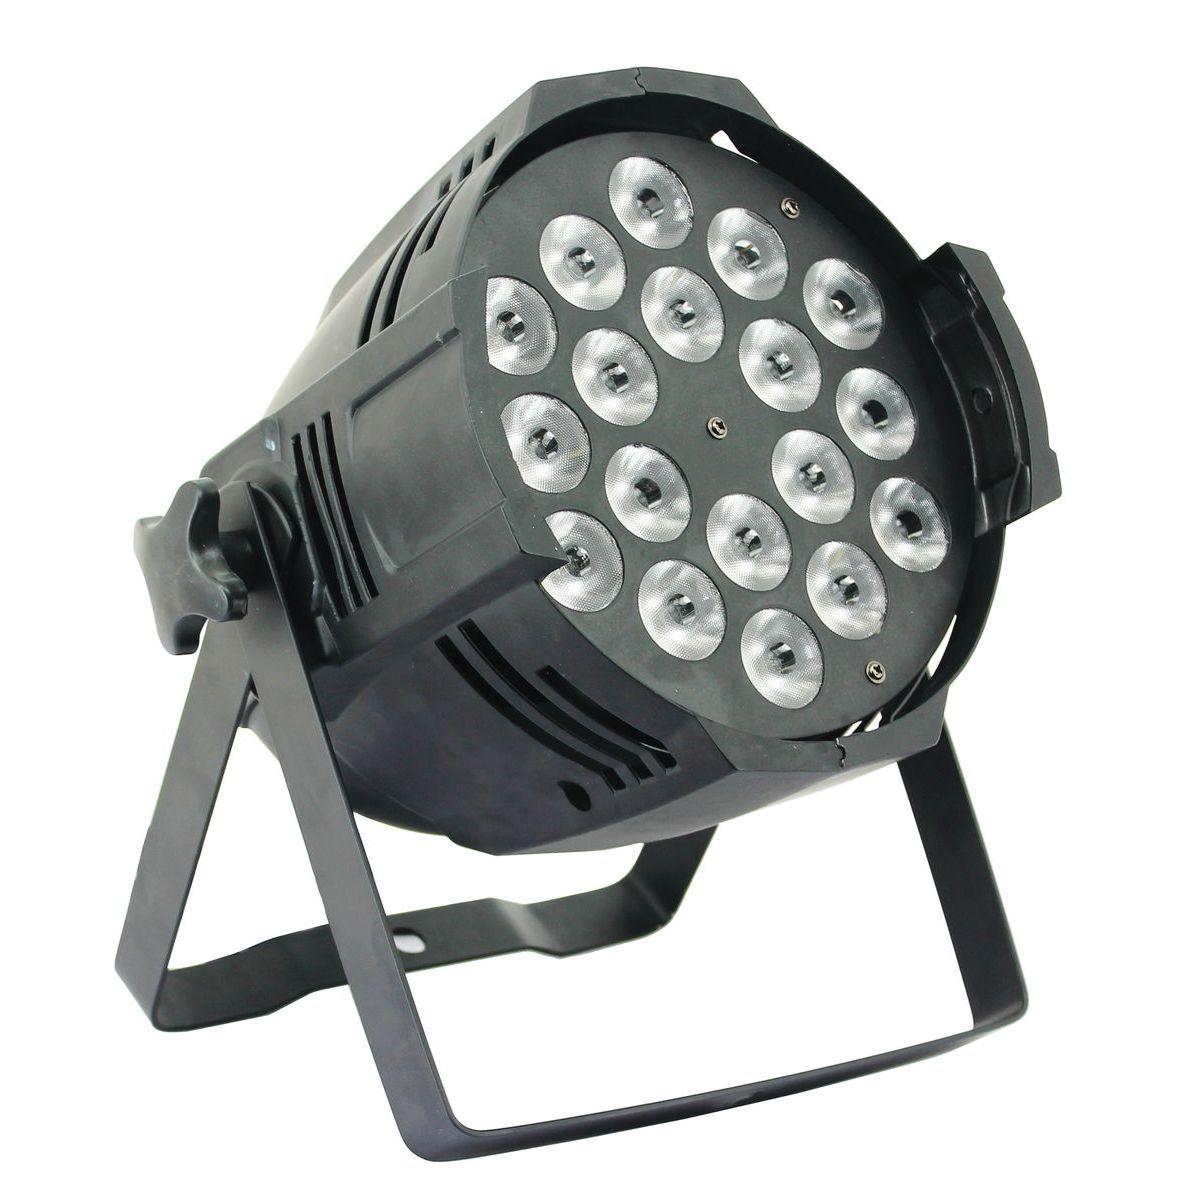 Nightsun SPC149P1 купить по выгодной цене, световой прибор